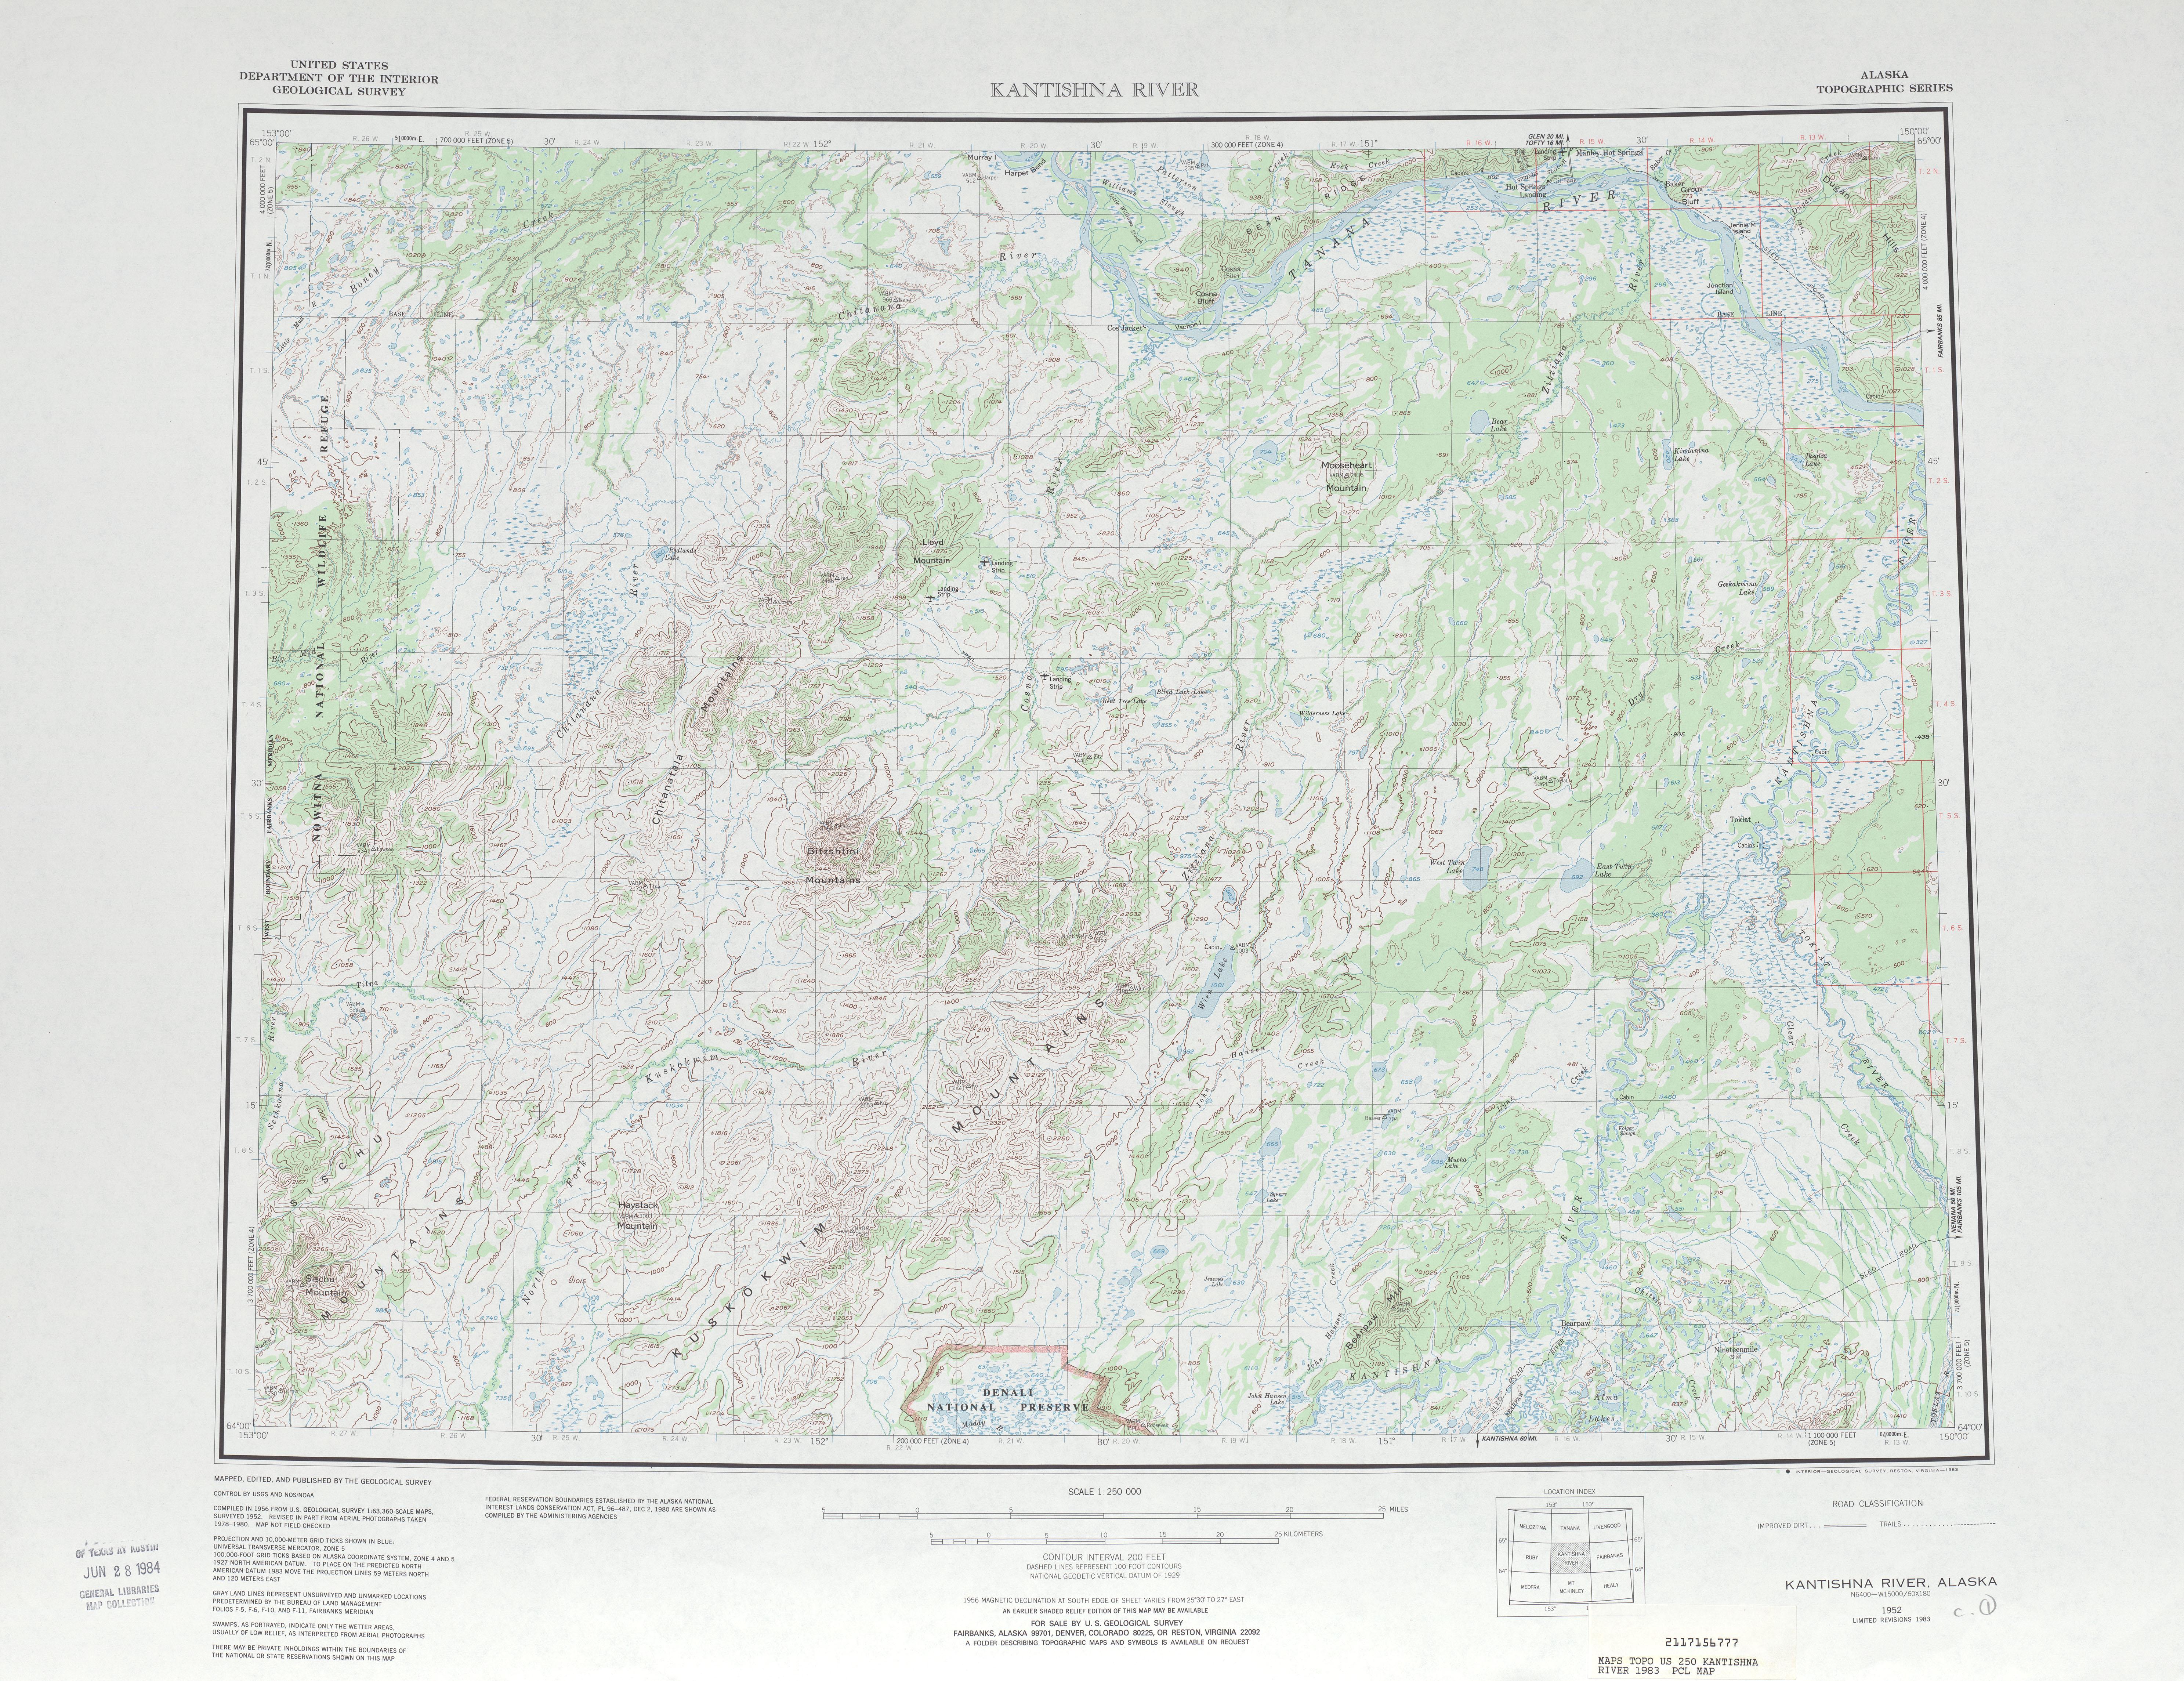 Hoja Kantishna River del Mapa Topográfico de los Estados Unidos 1983